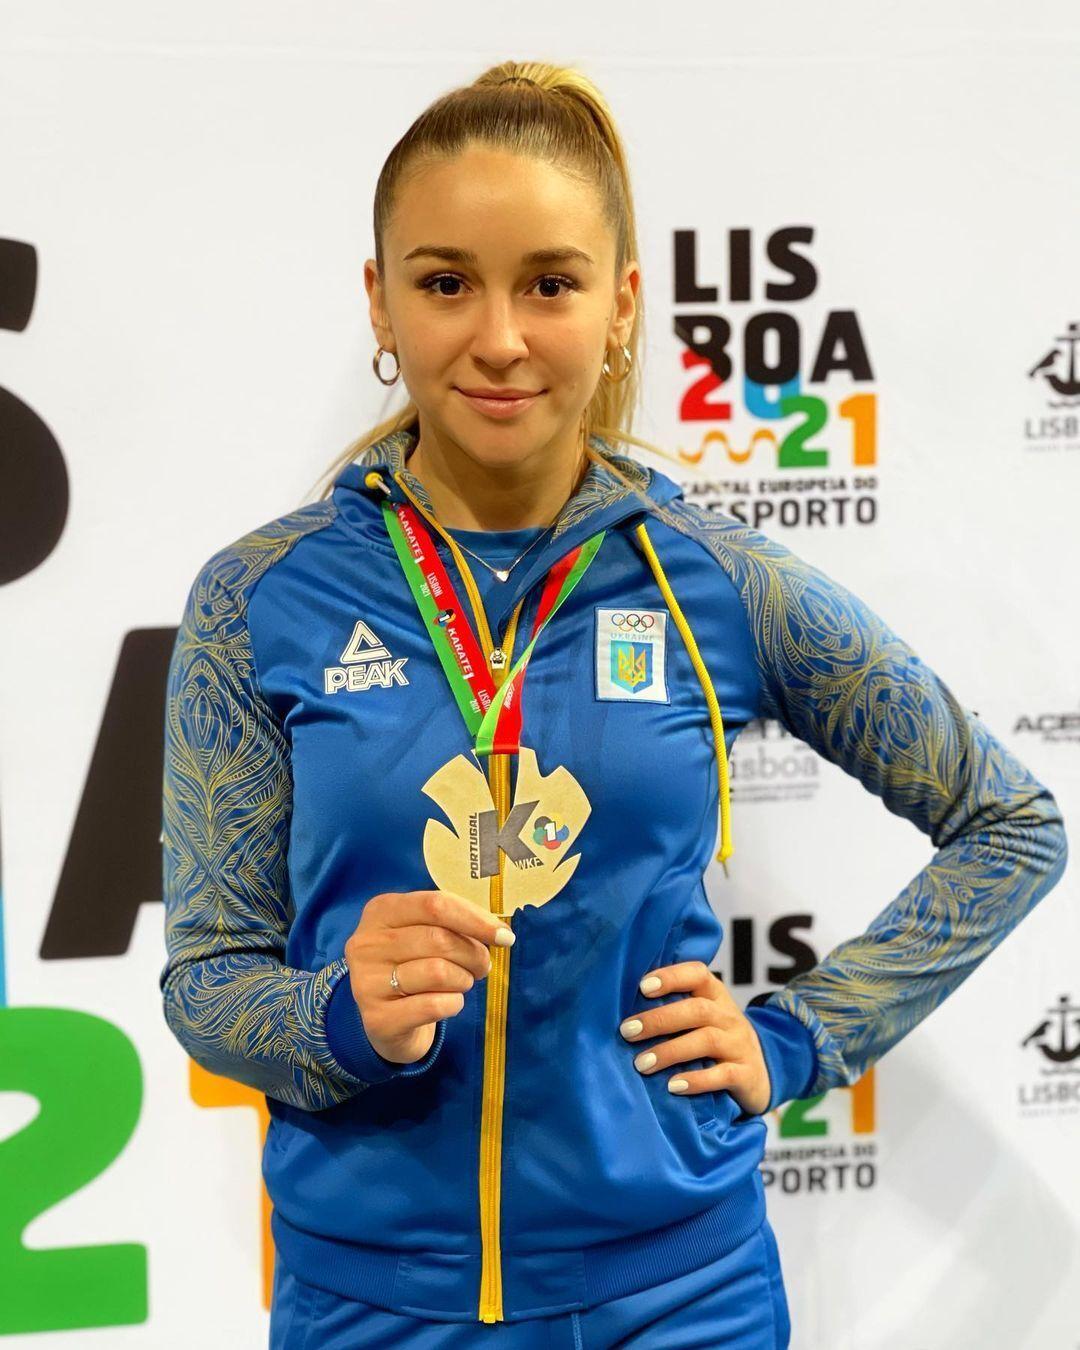 Анжеліка Терлюга із золотою медаллю